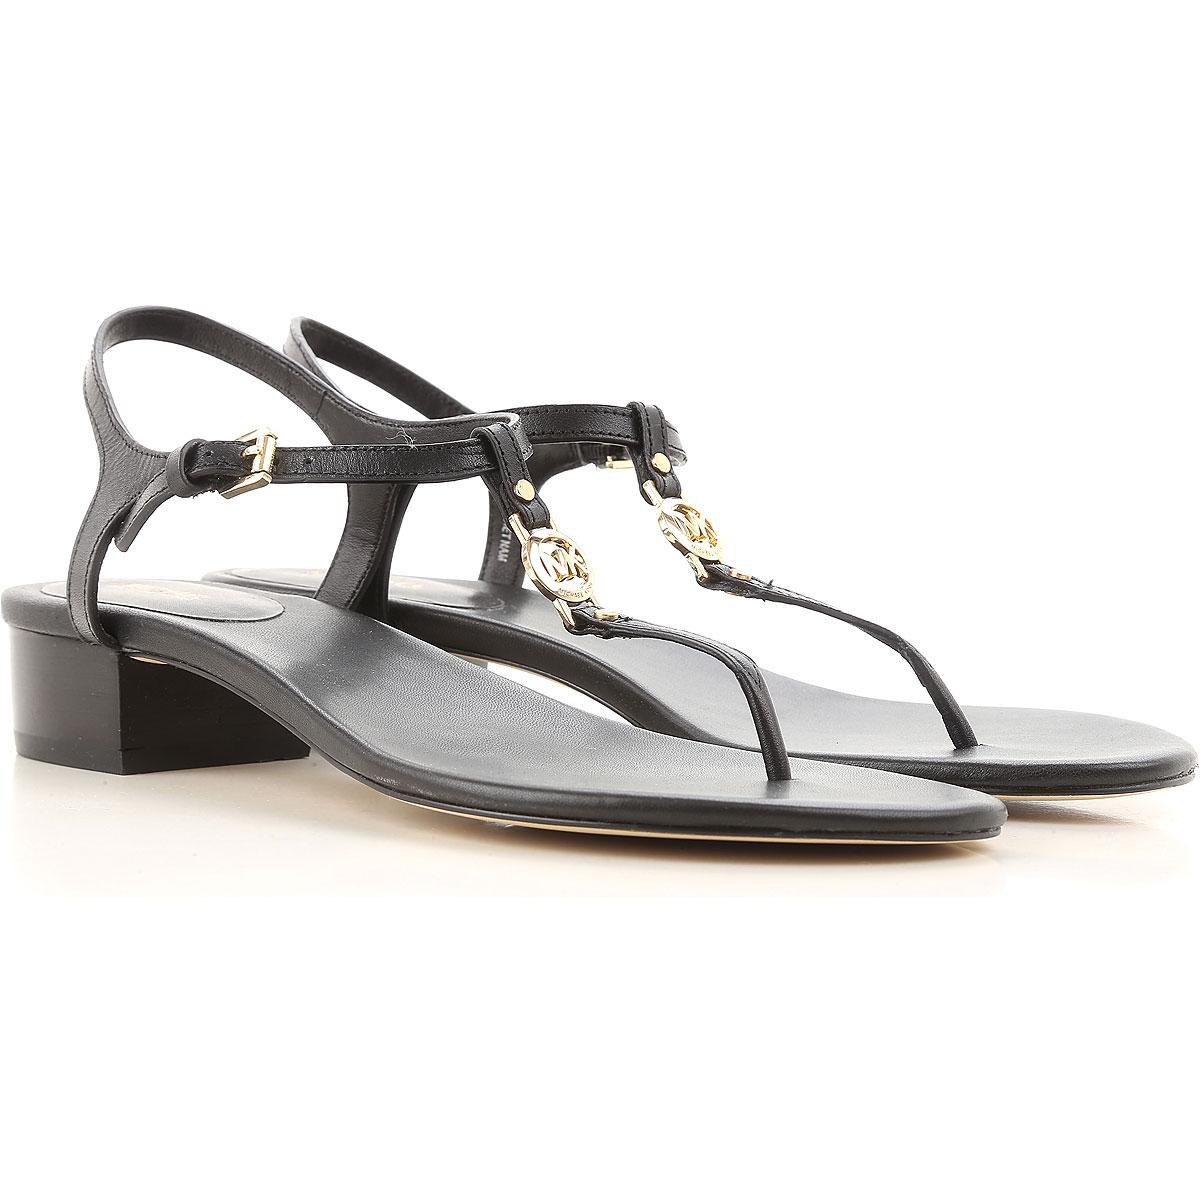 08375502ab0 Michael Kors. Sandale Femme Pas cher en Soldes Outlet de coloris noir